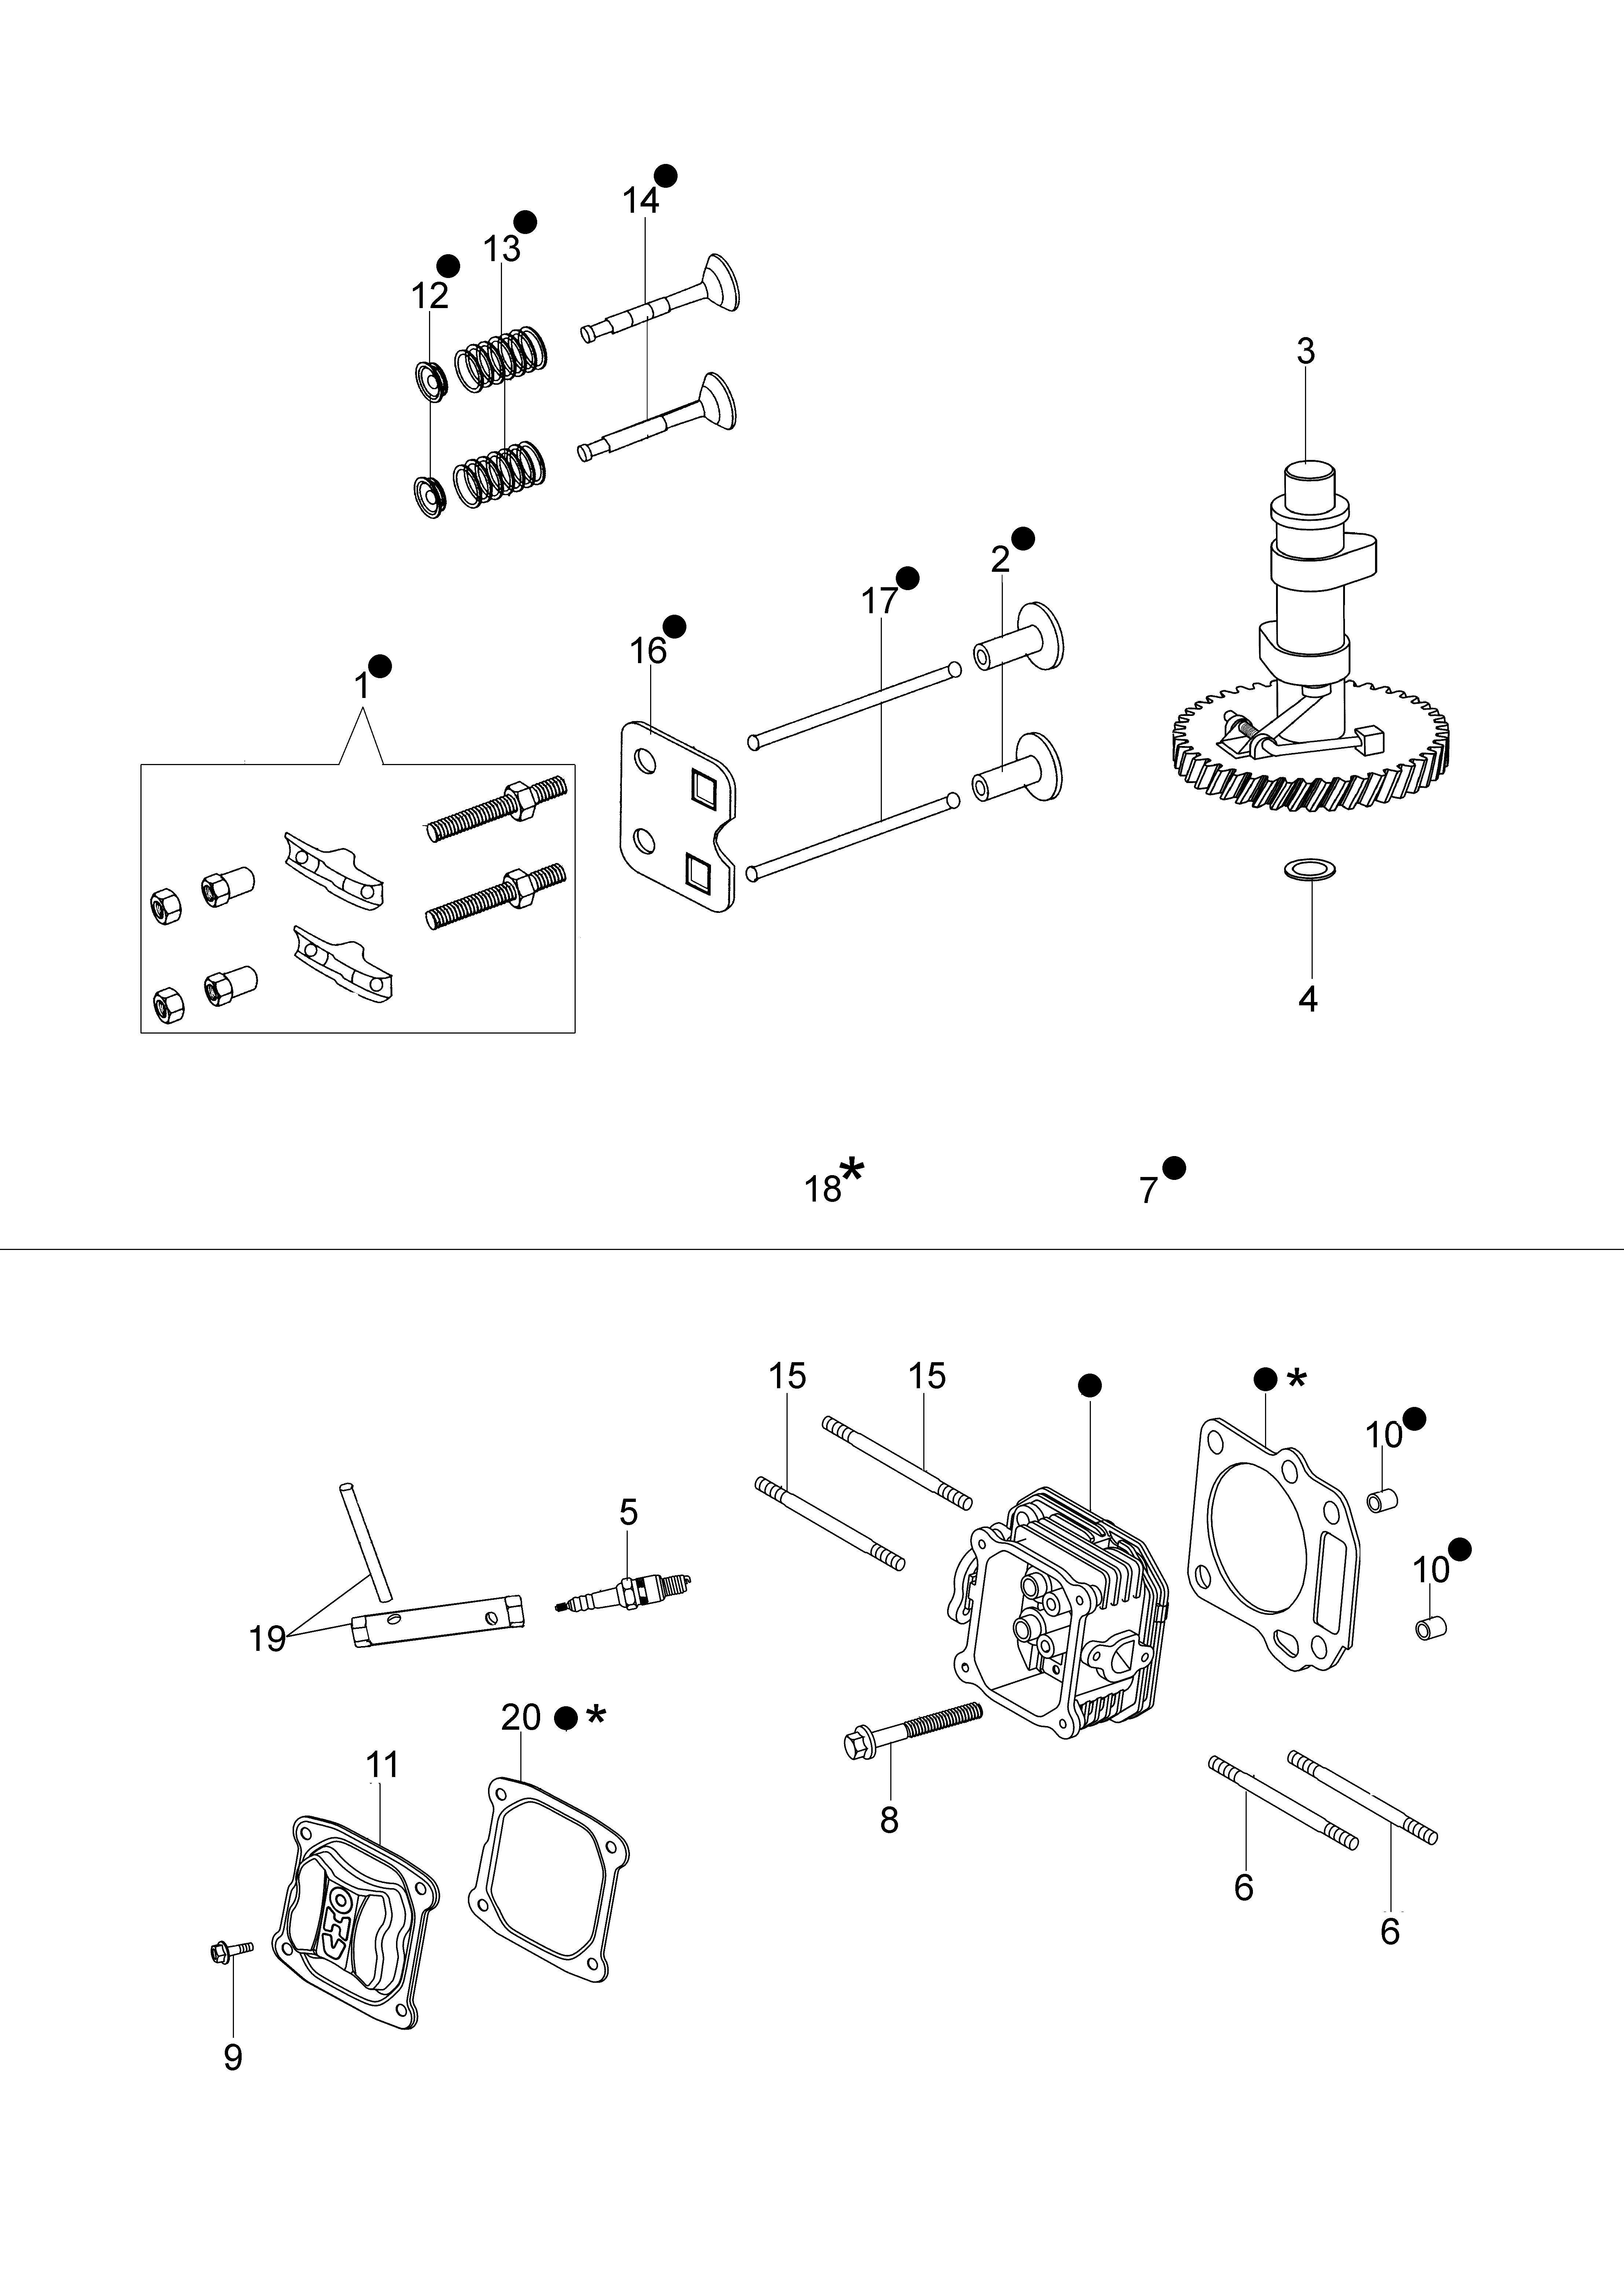 MOTEUR K600 Emak vue éclatée Dessins pièces - Tête cylindre et soupape